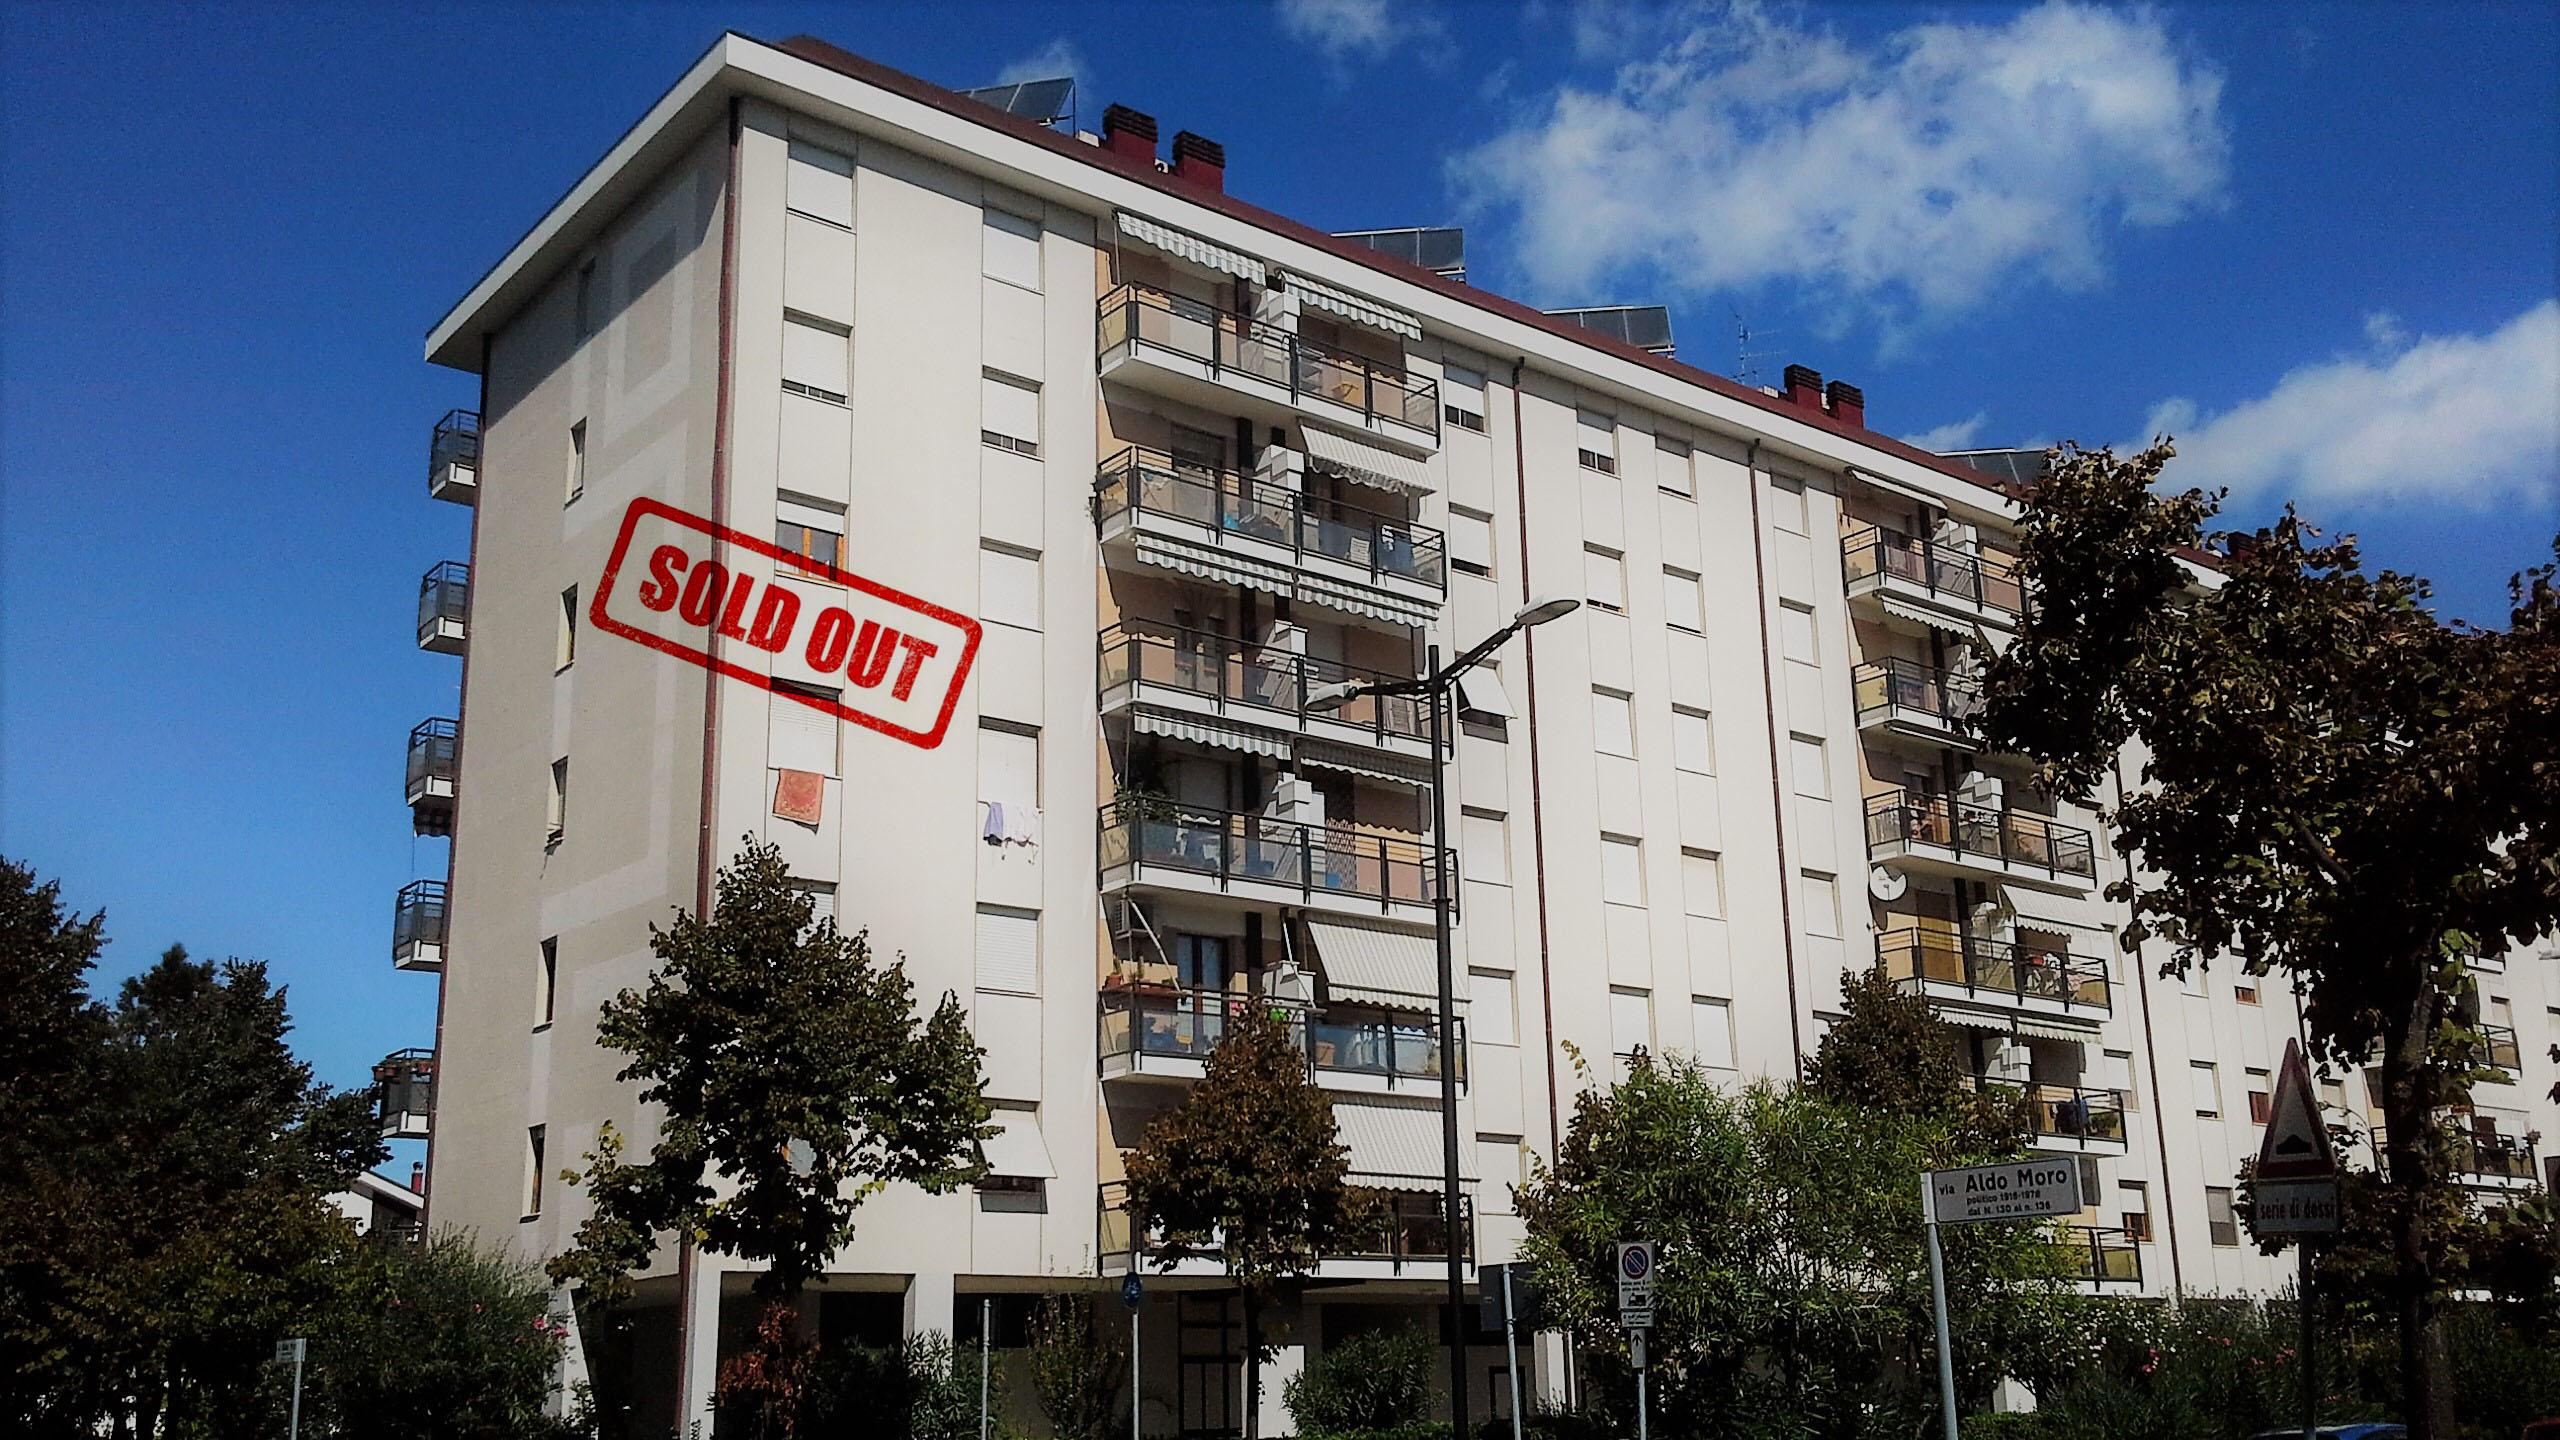 VENDUTO Appartamento 5 locali Viale Aldo Moro Pescara